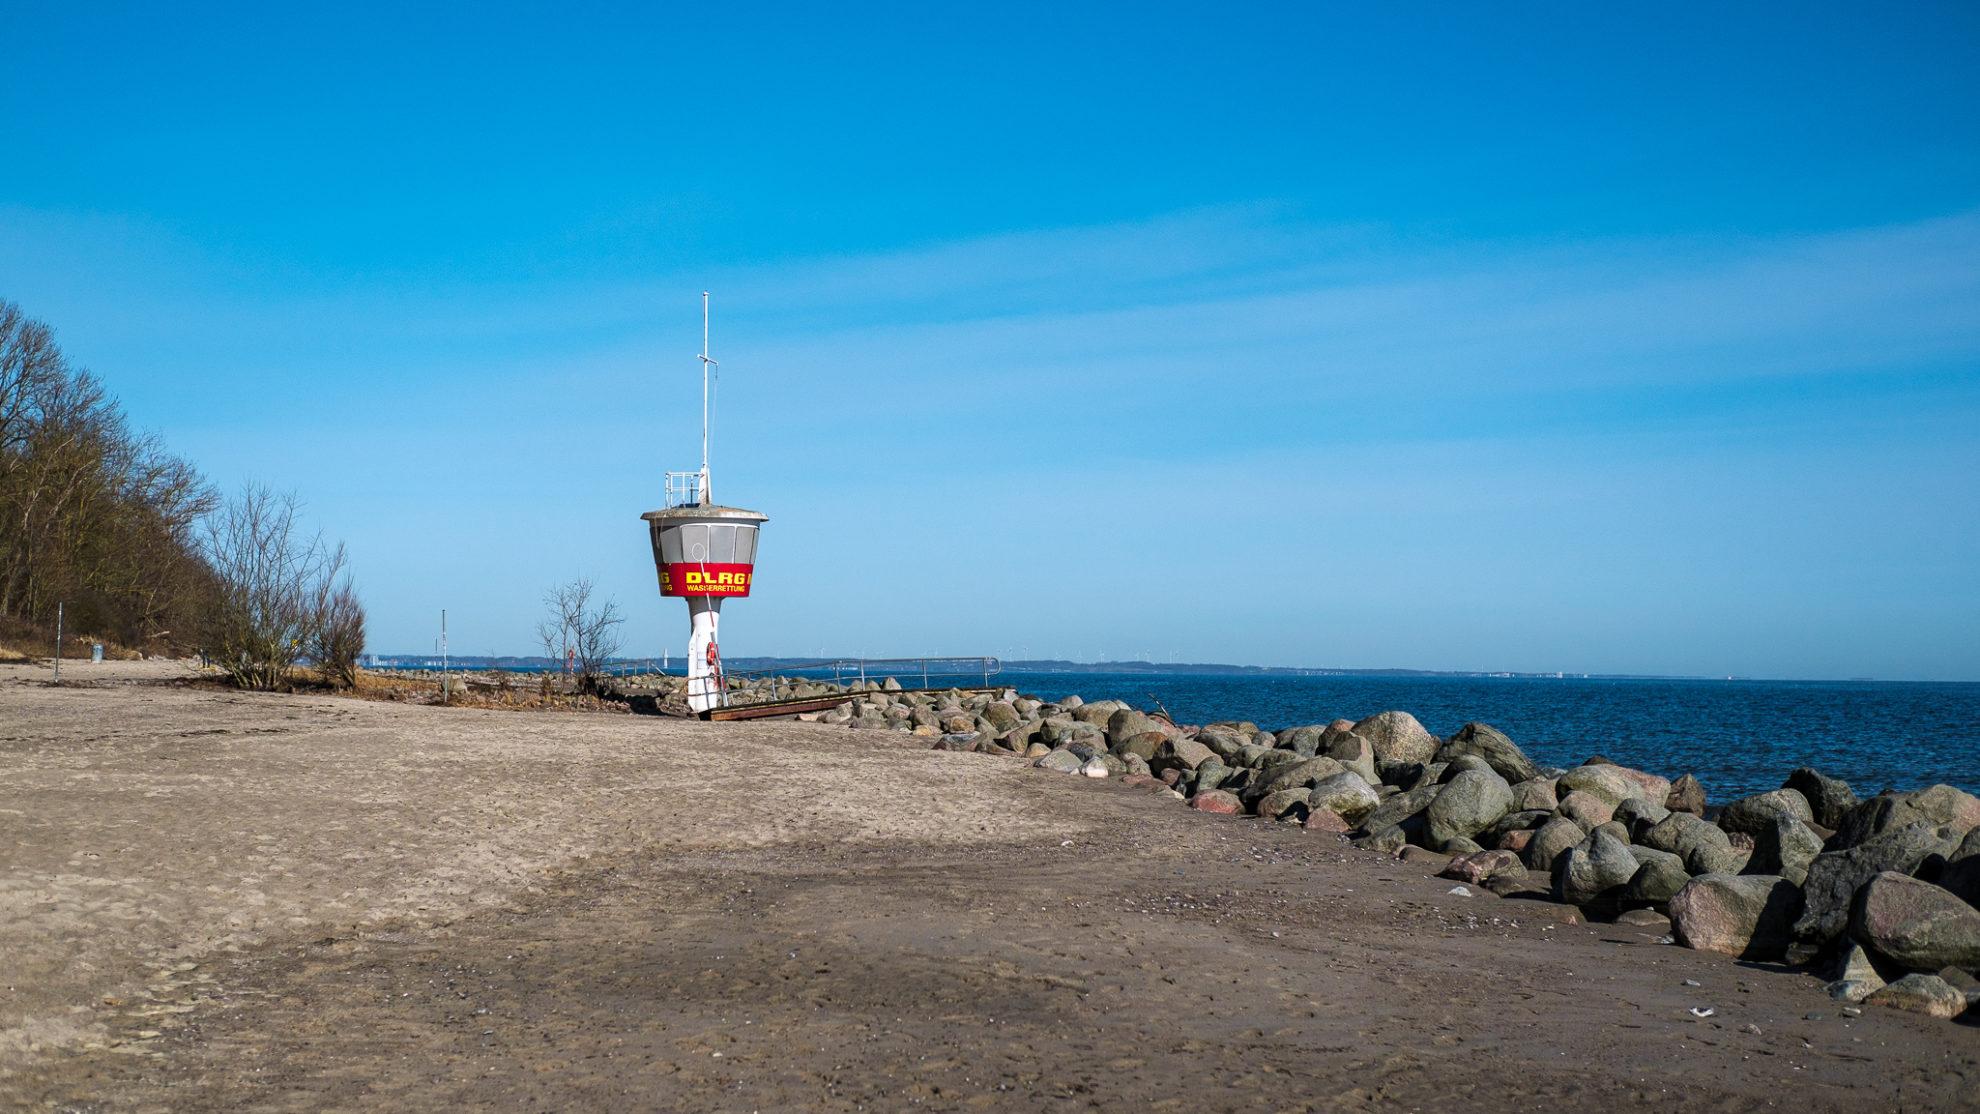 Ein Turm der DLRG mit weißem Fuß steht am Strand. Große Steine grenzen den Sandstrand vom Wasser ab. Der Himmel ist strahlend blau.